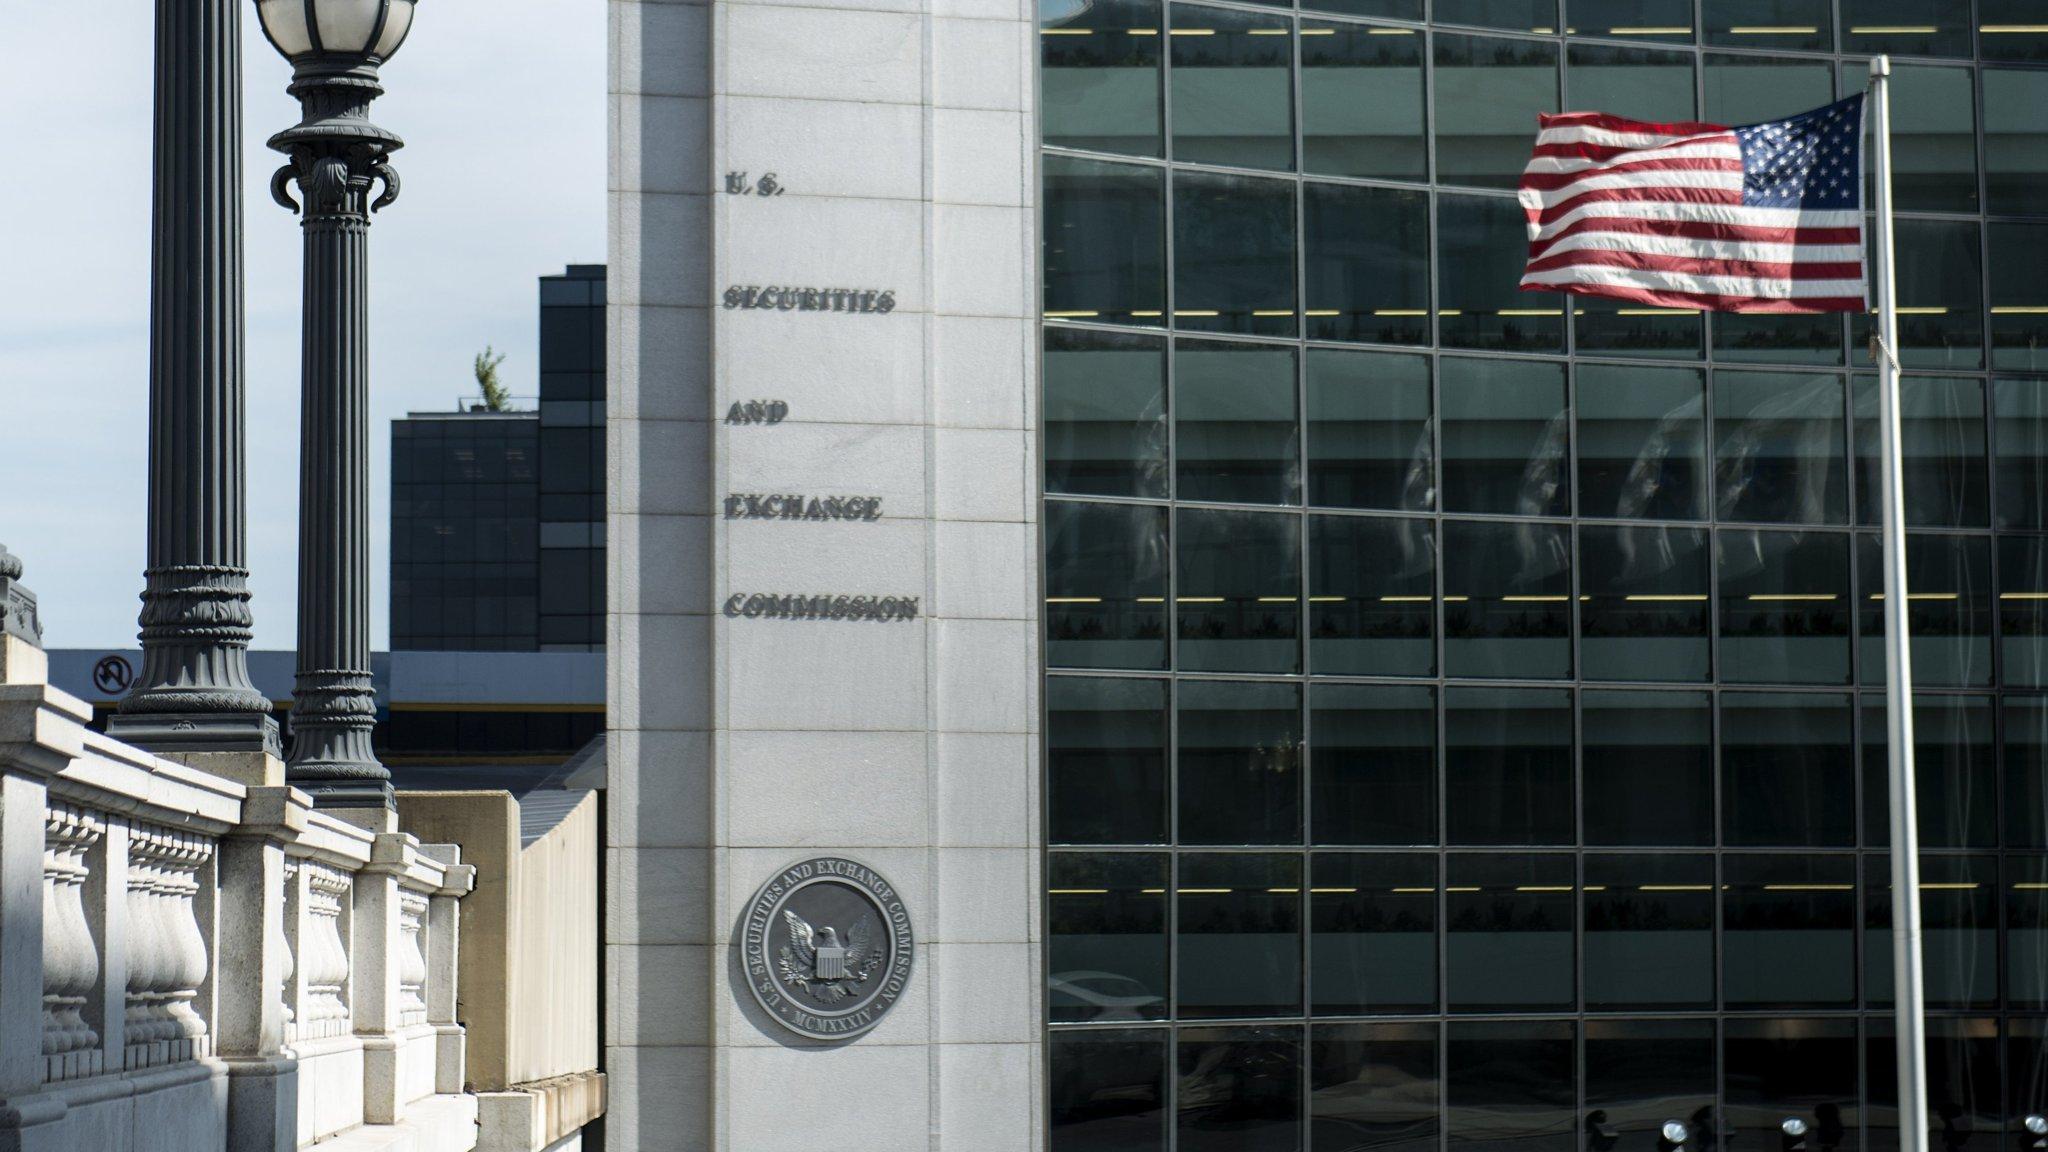 EY fined $9m for improper auditor relationships | Financial